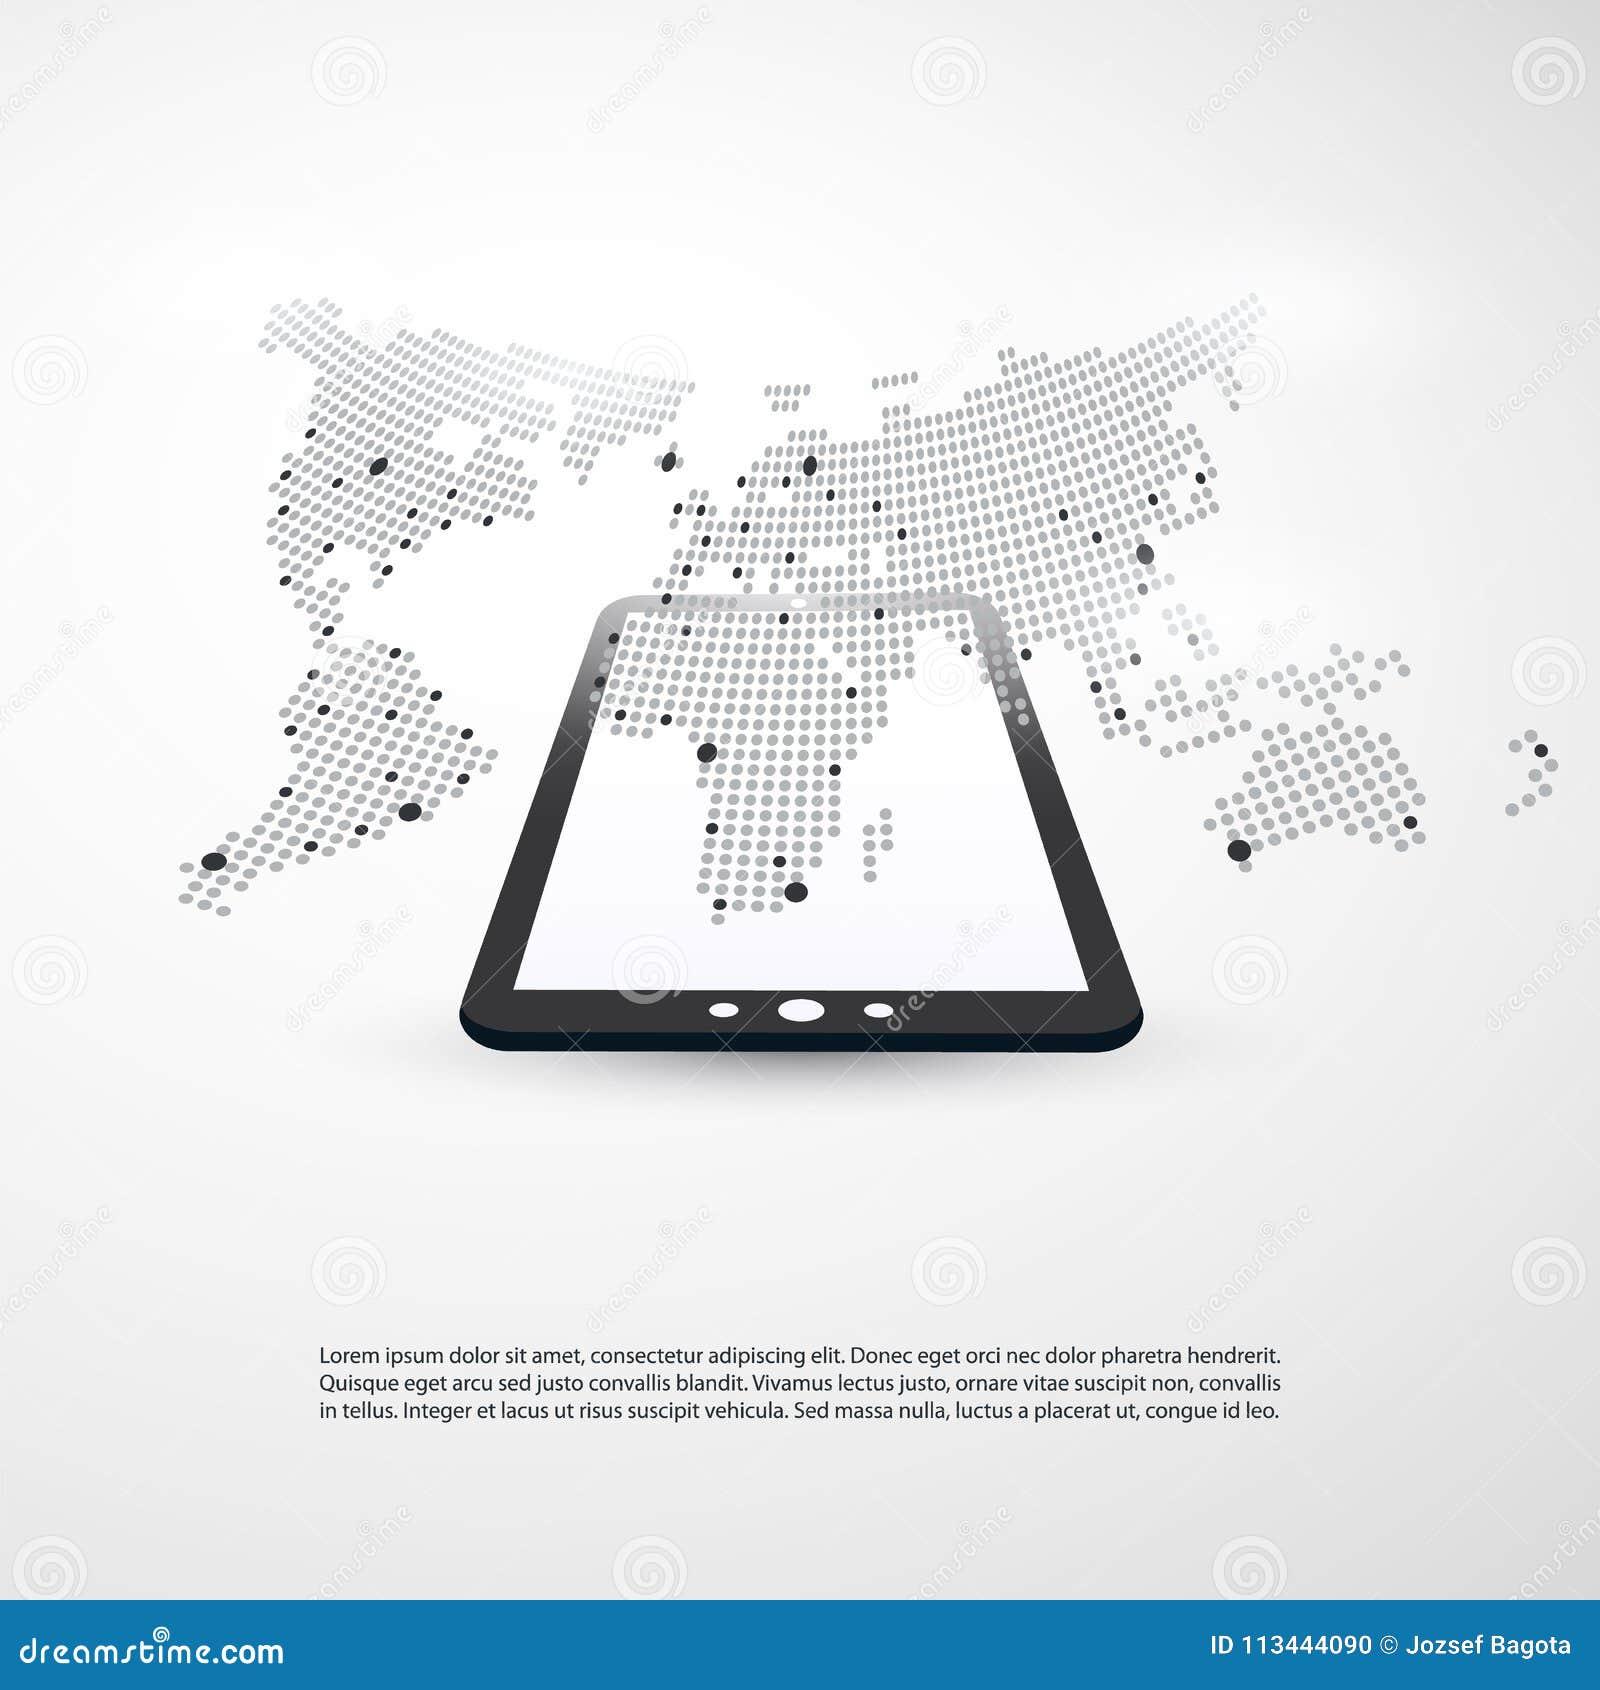 Wolken Datenverarbeitung Und Netz Konzept Mit Weltkarte